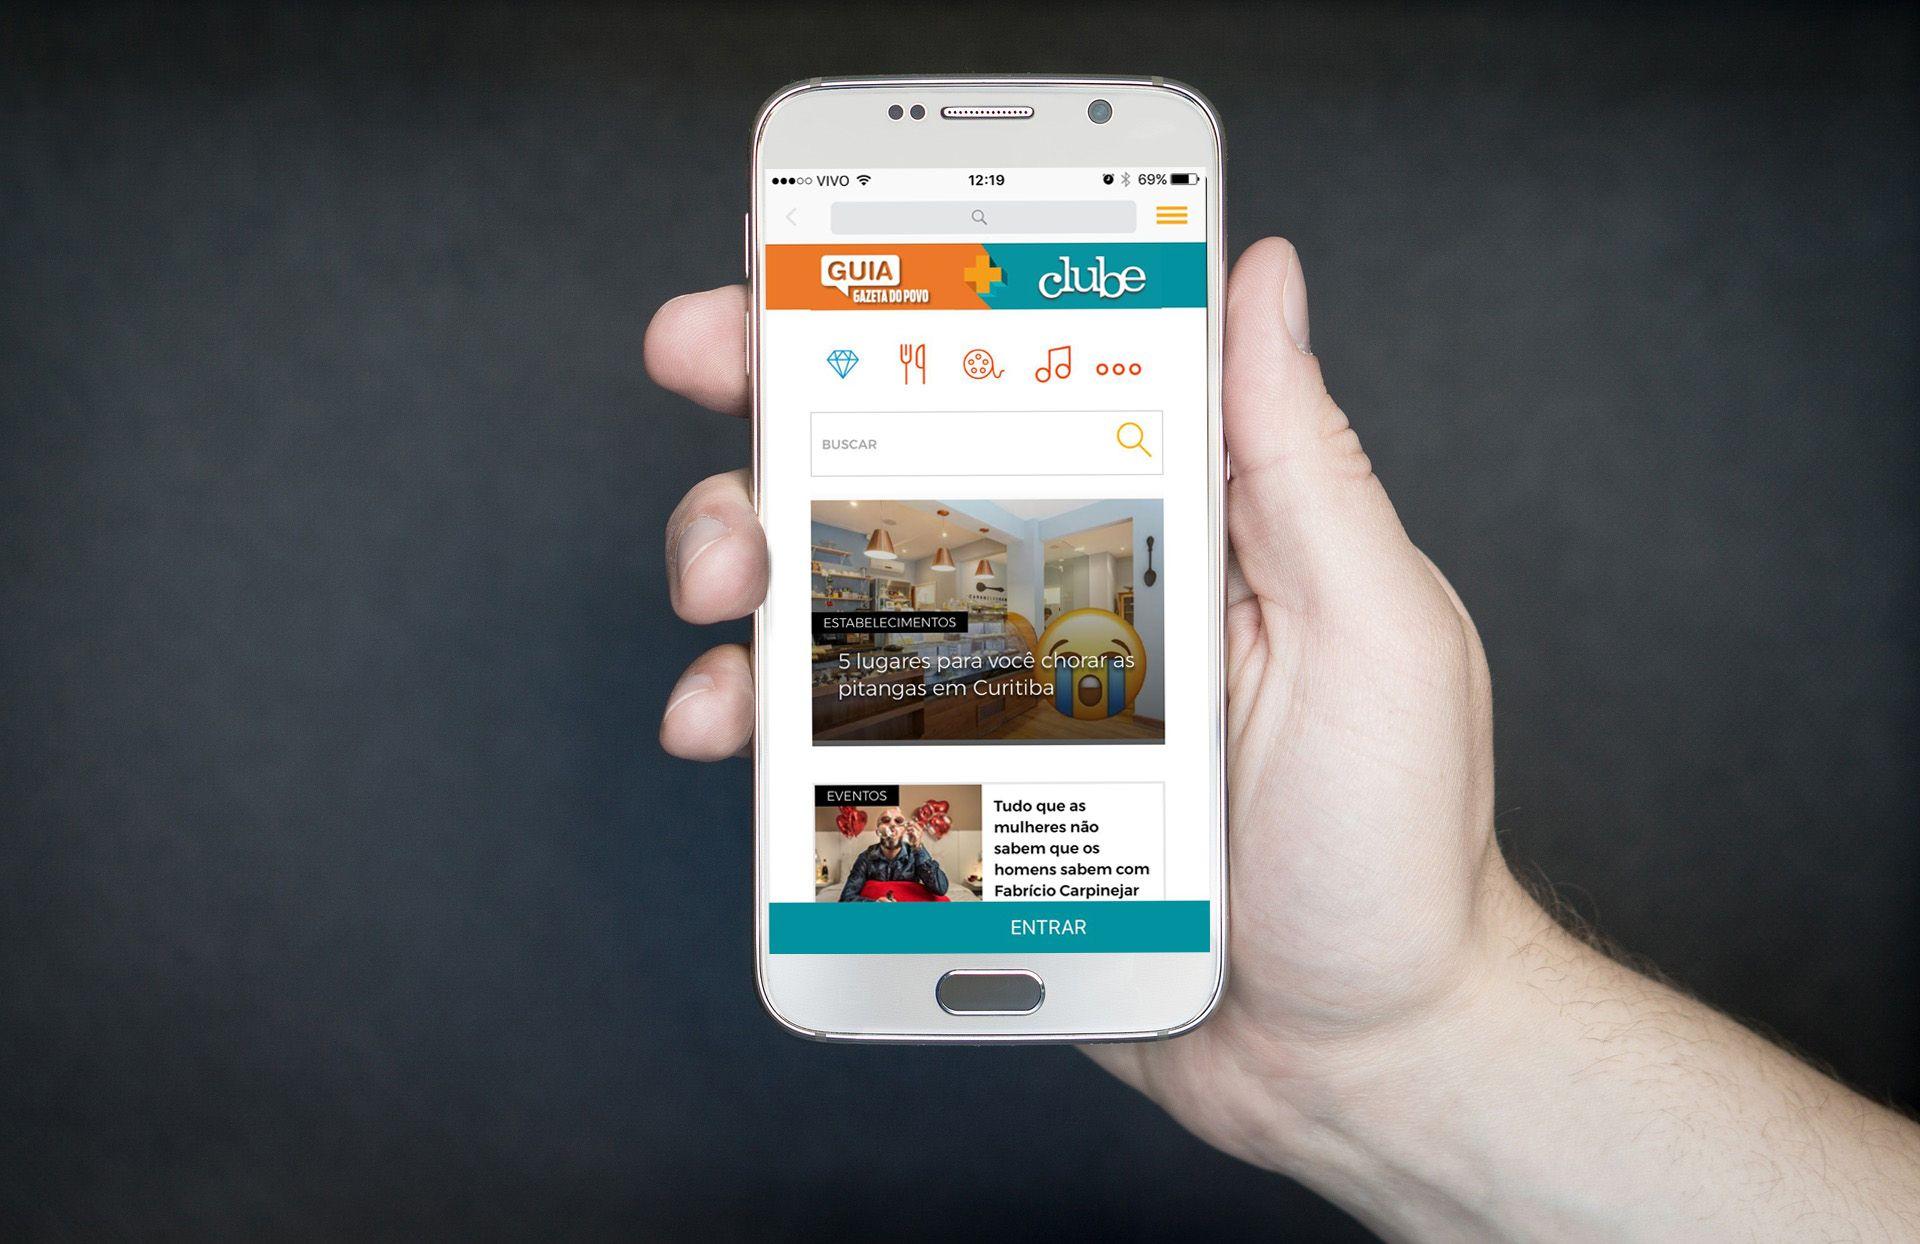 6a38ae2c1 Baixe o app do Guia + Clube para saber onde se divertir e quanto você pode  economizar